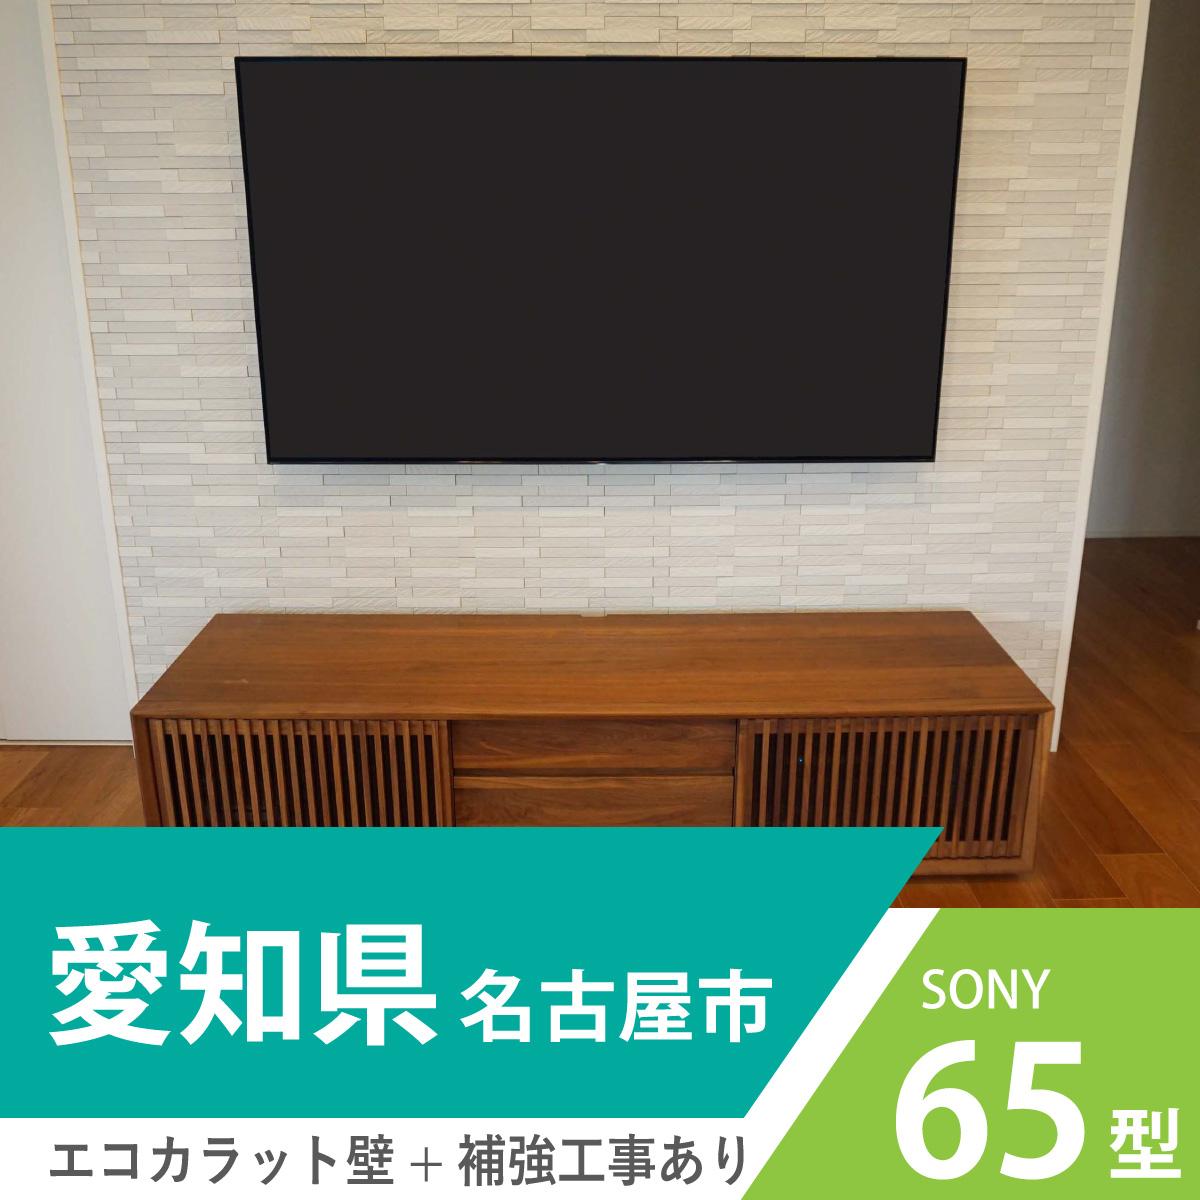 名古屋市・天白区でエコカラット「グラナスルドラ」壁に65インチ有機ELテレビを壁掛け